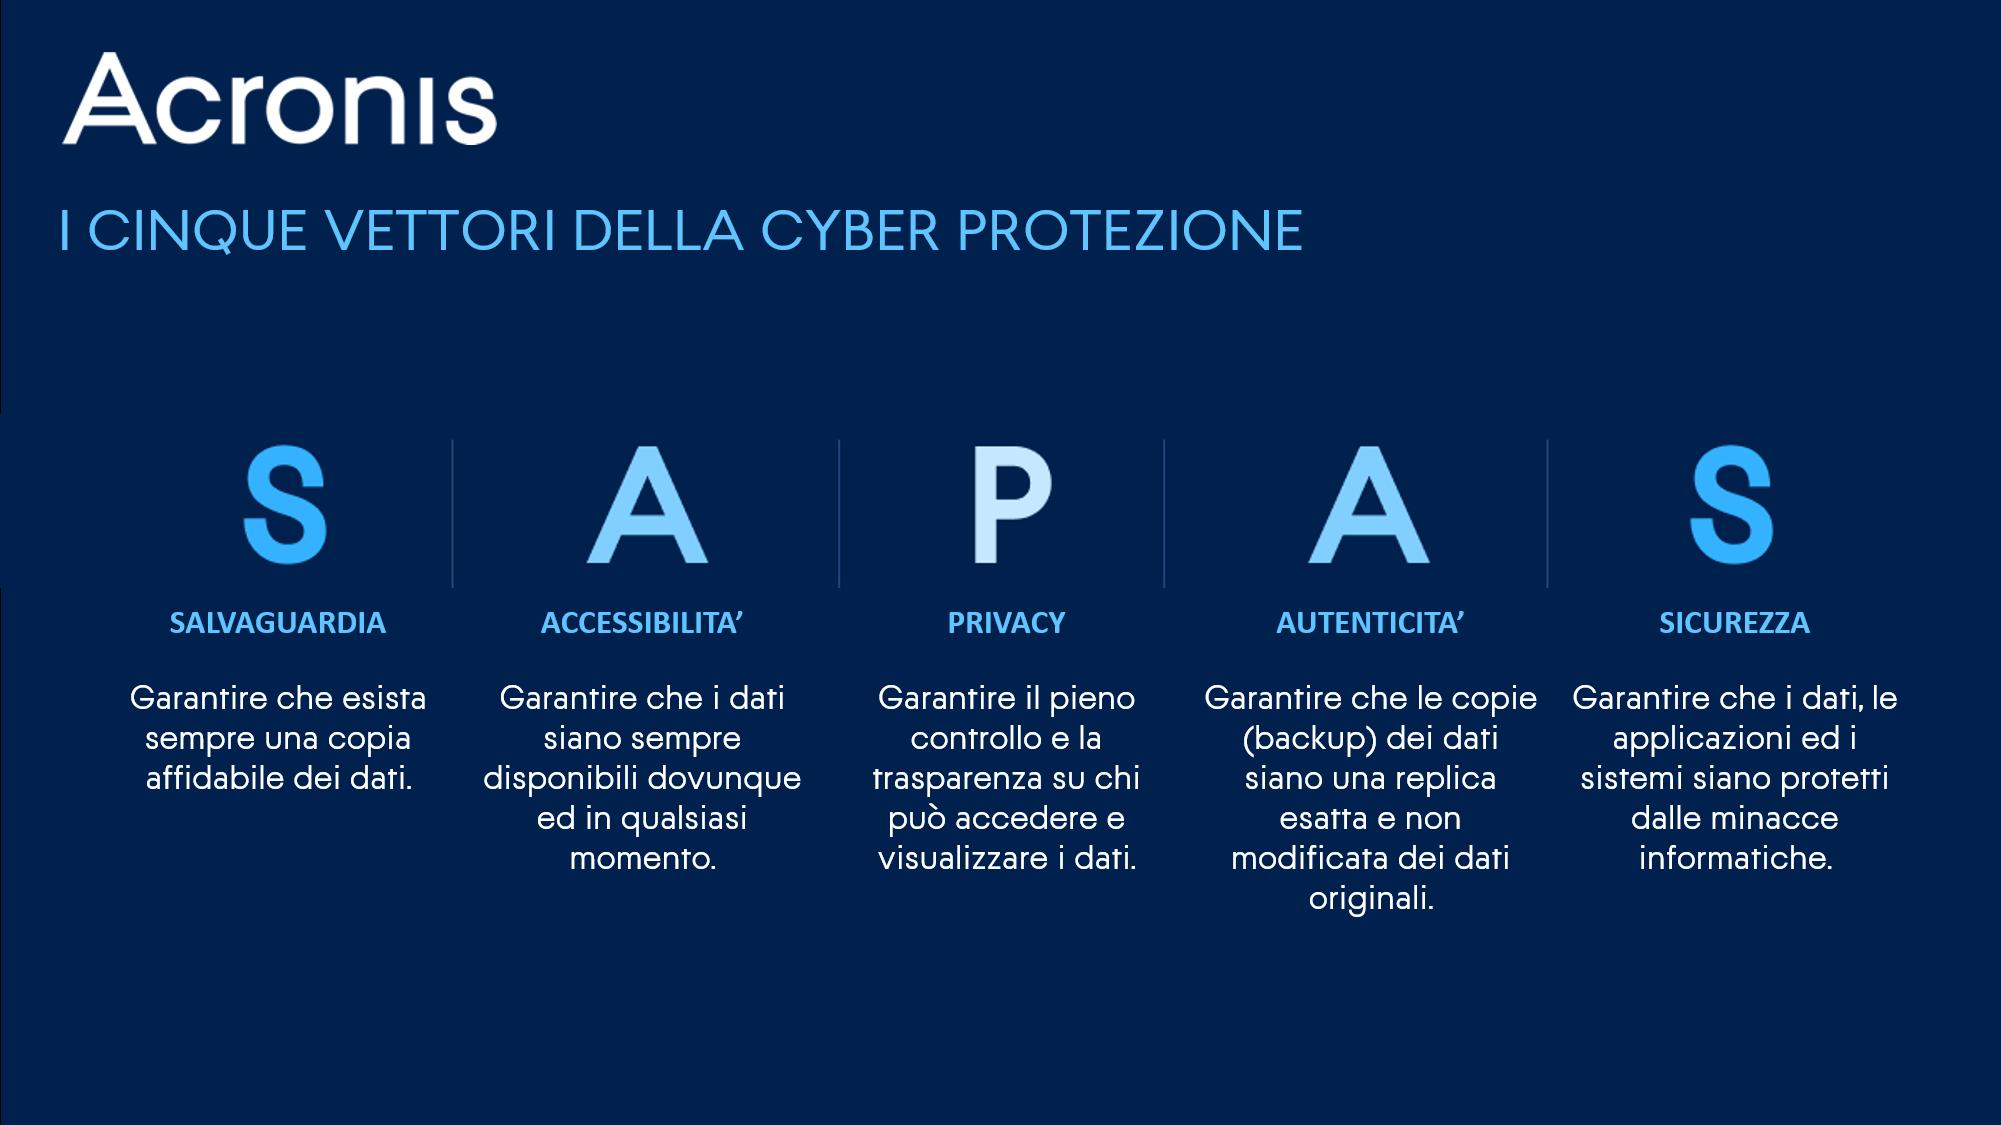 5vettori della Cyber protezione Acronis